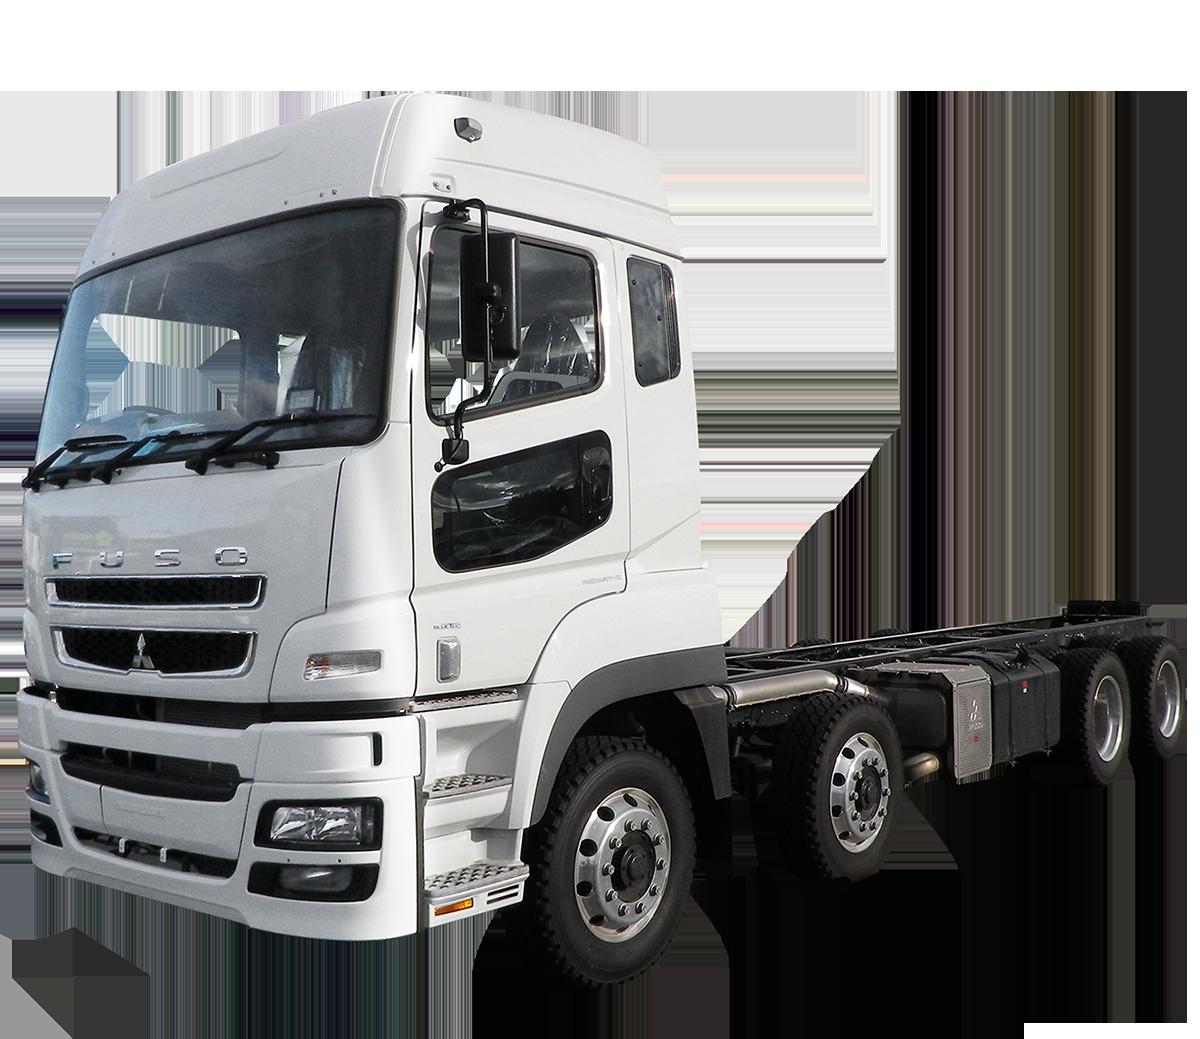 Fuso HD - HGV & Heavy Duty Trucks for Sale | Fuso © NZ